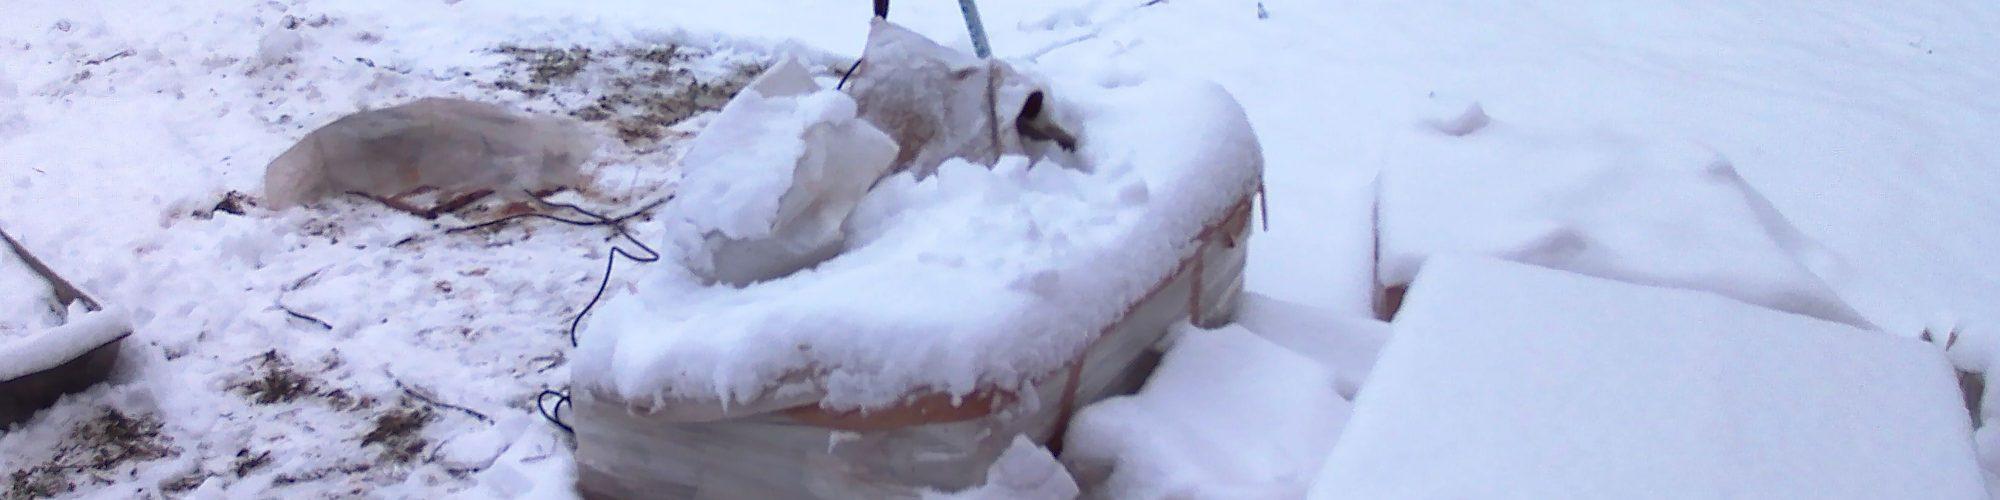 Стройка печи зимой.